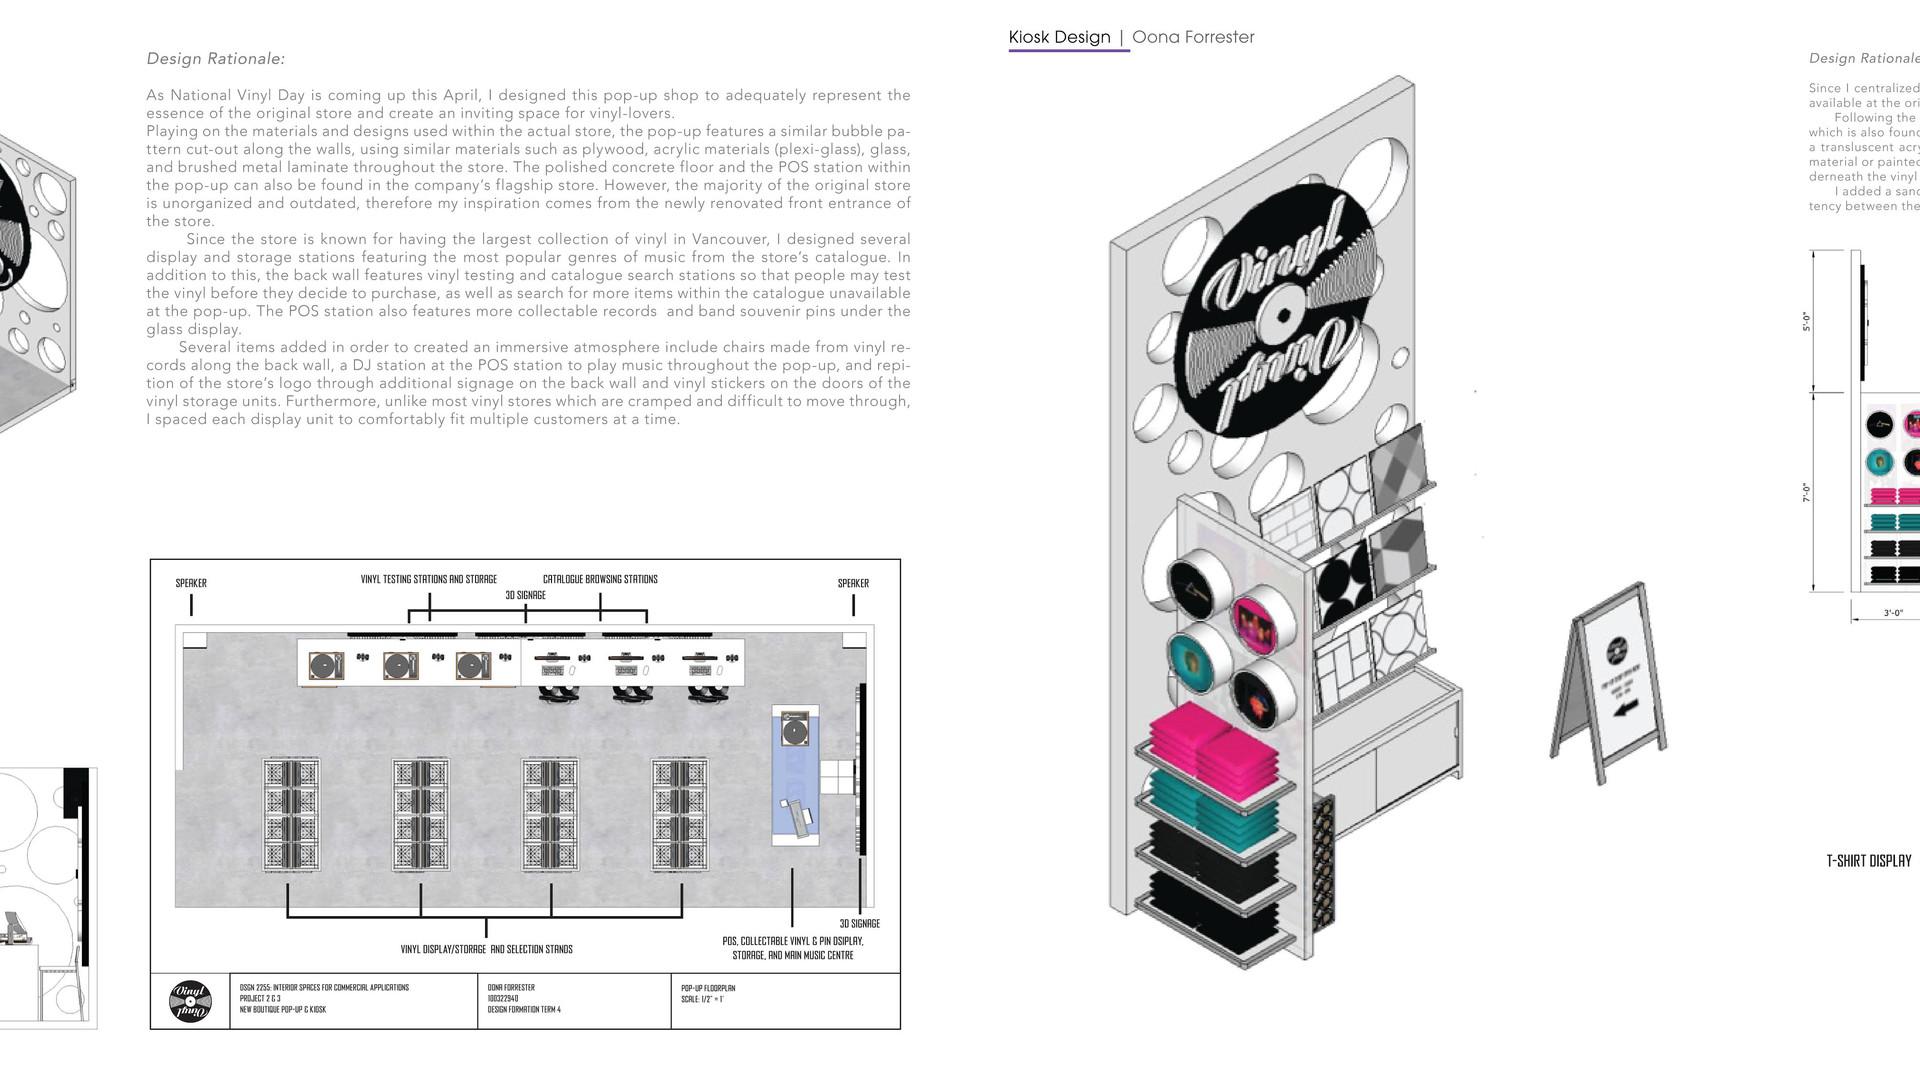 Pop-Up Shop & Kiosk Design